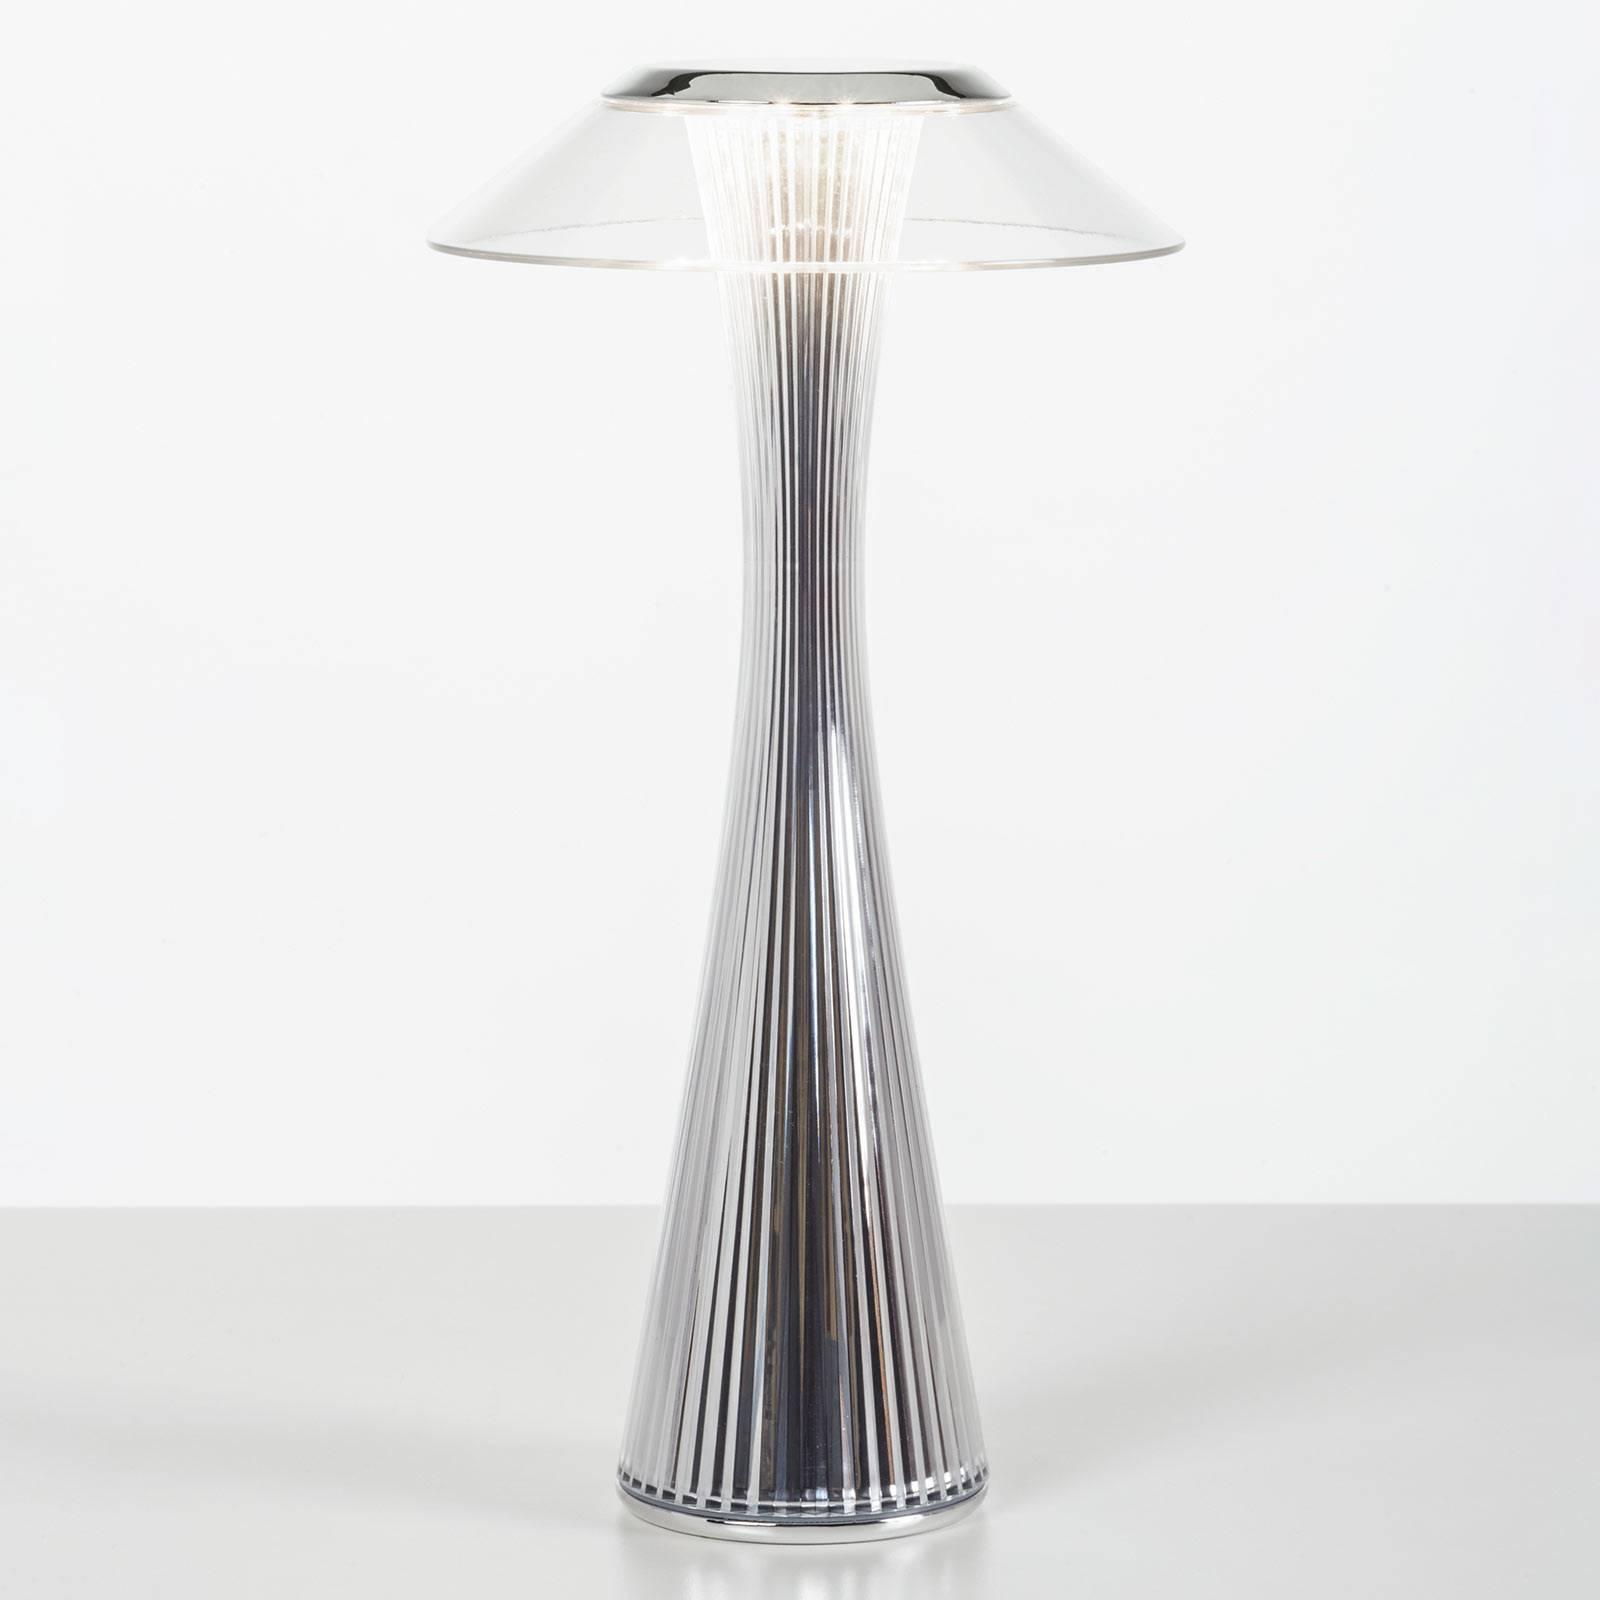 Billede af Kartell Space - LED-designerbordlampe, krom